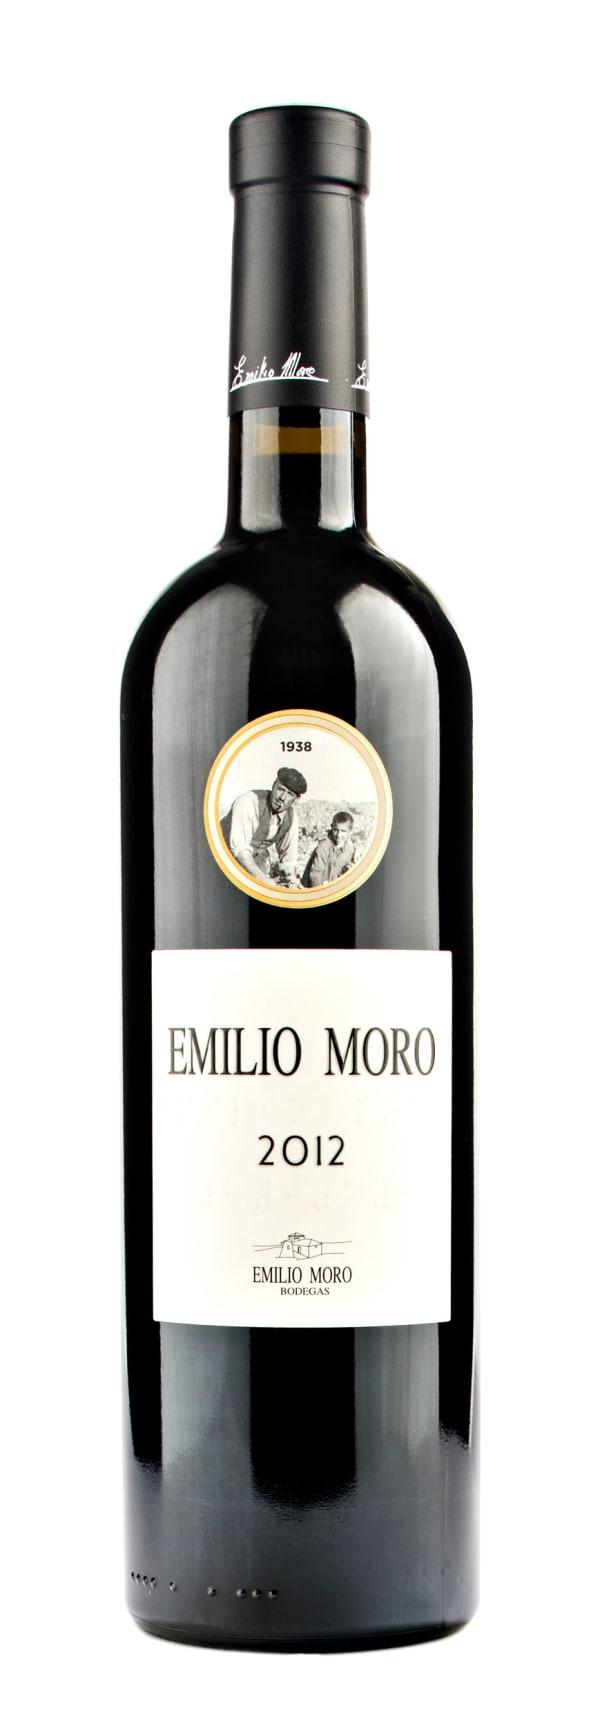 Emilio Moro 2015